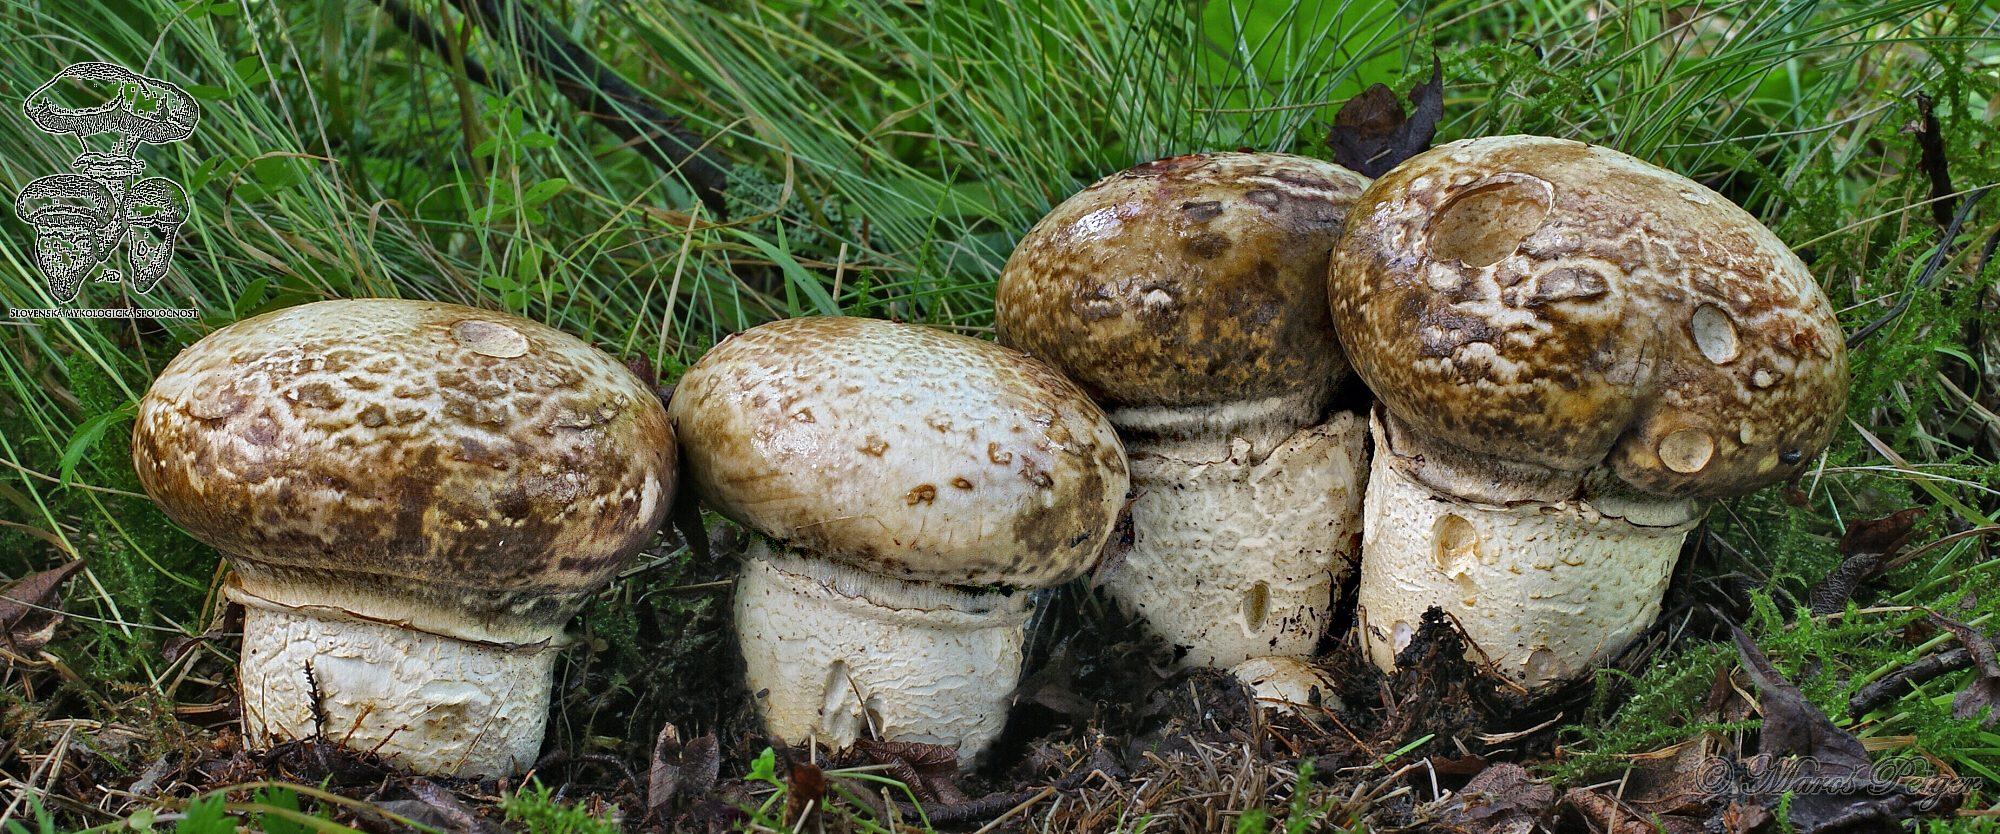 Slovenská mykologická spoločnosť